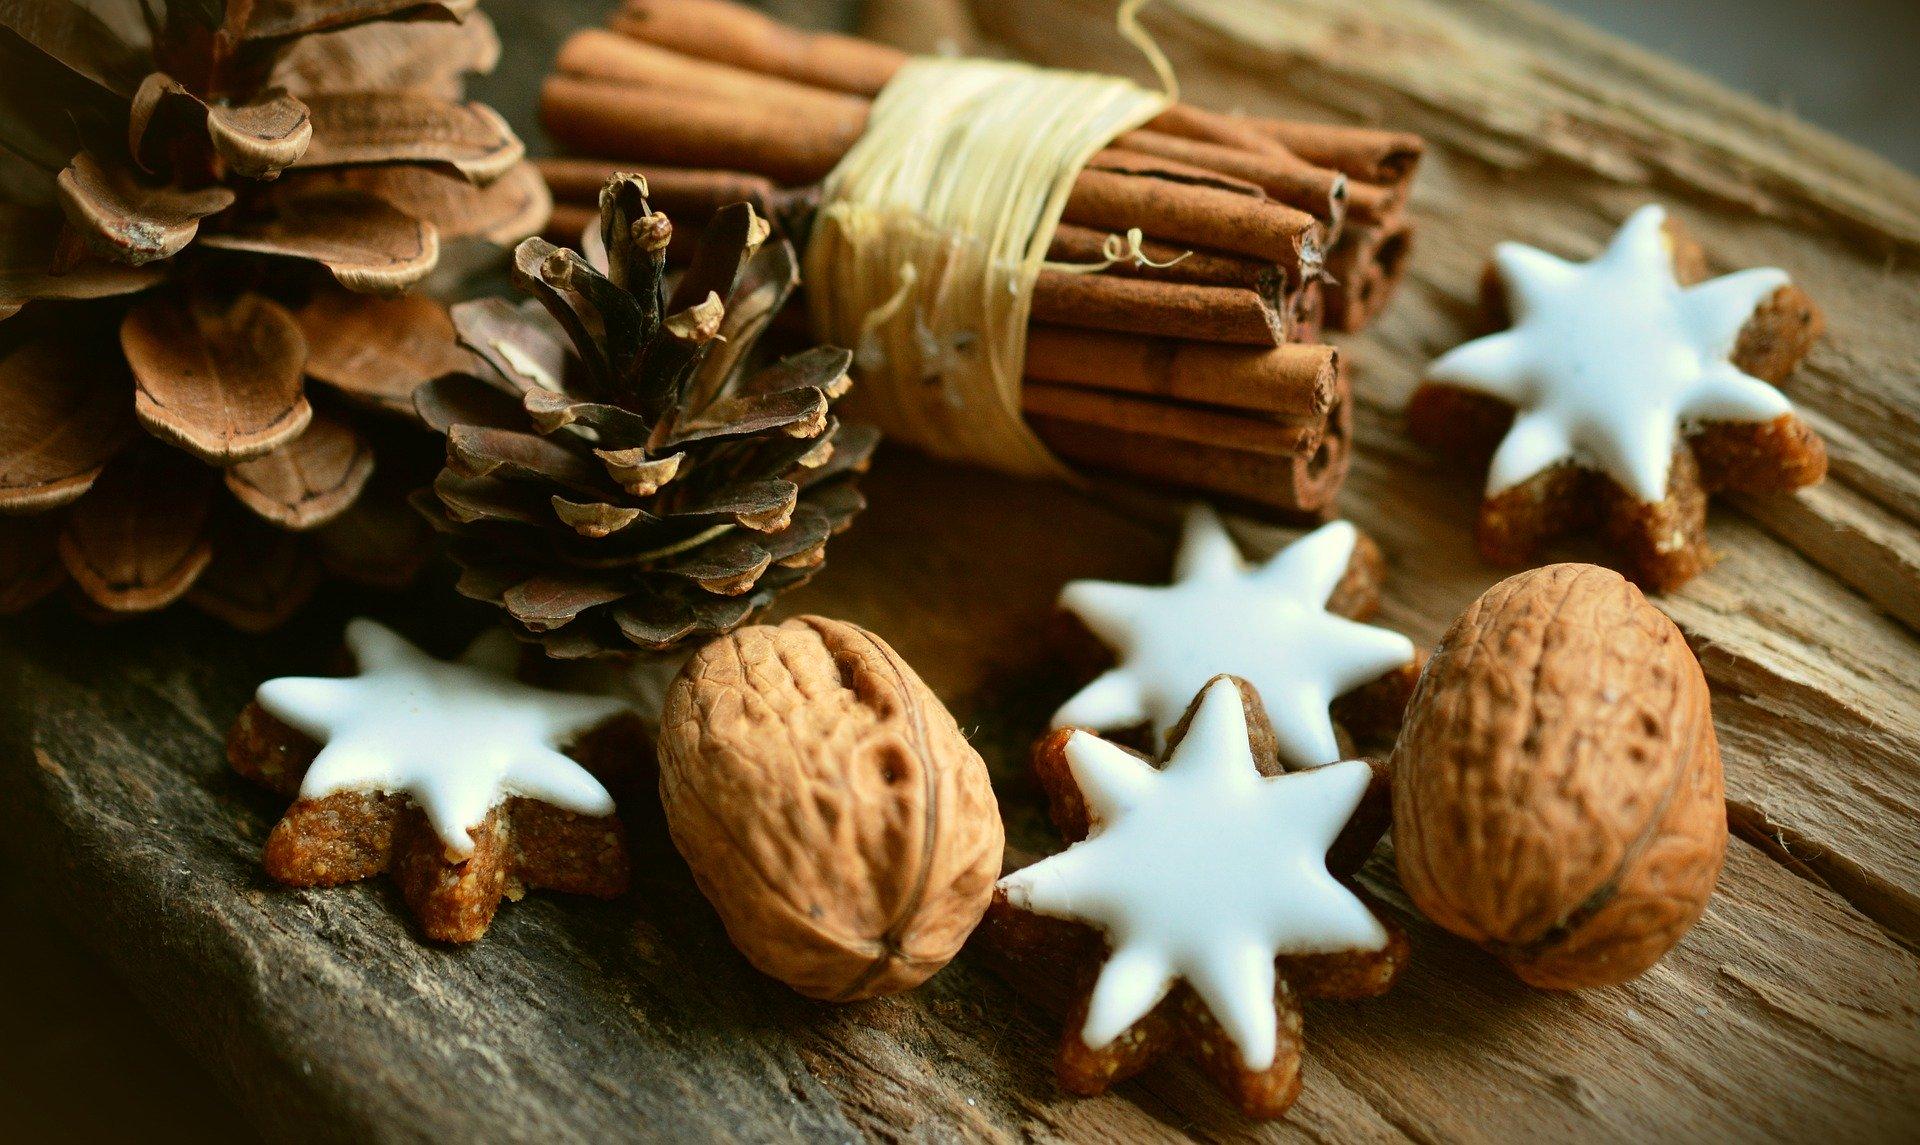 cinnamon stars 2991174 1920